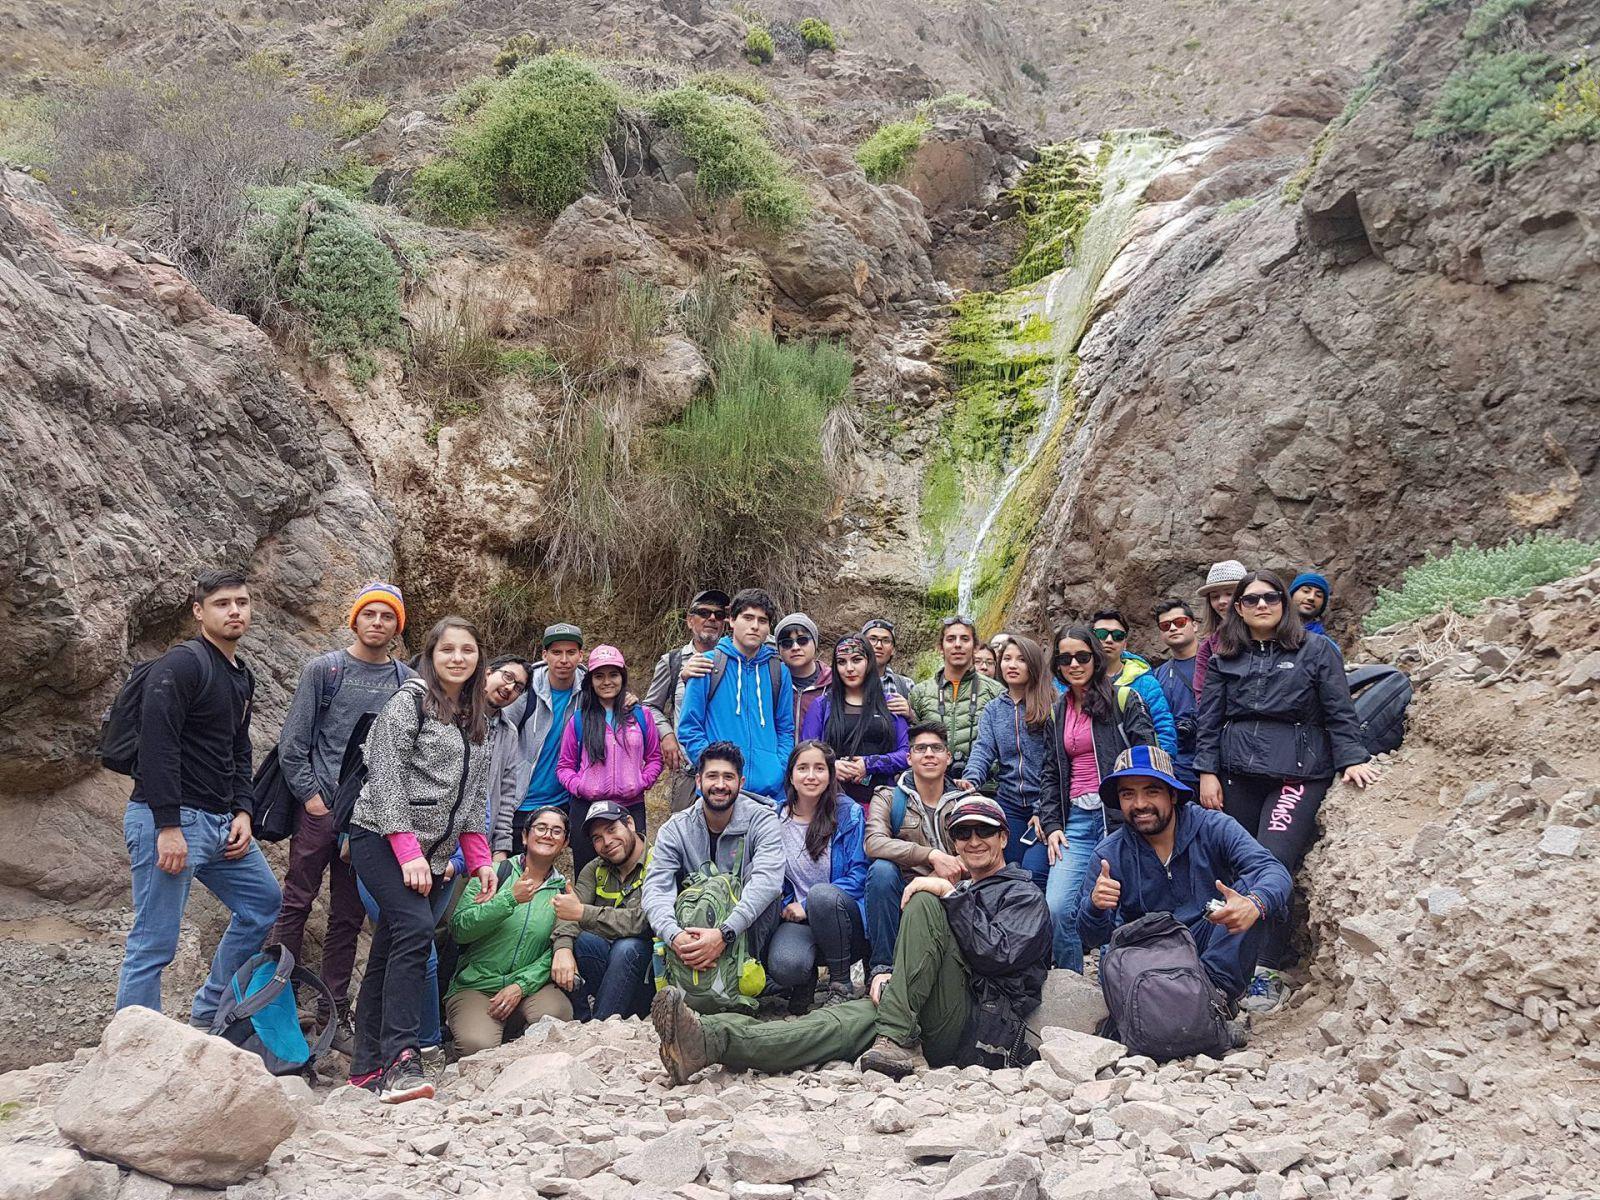 jovenes-visitaron-oasis-de-niebla-de-paposo-en-jornada-de-educacion-ambiental-organizada-por-el-municipio